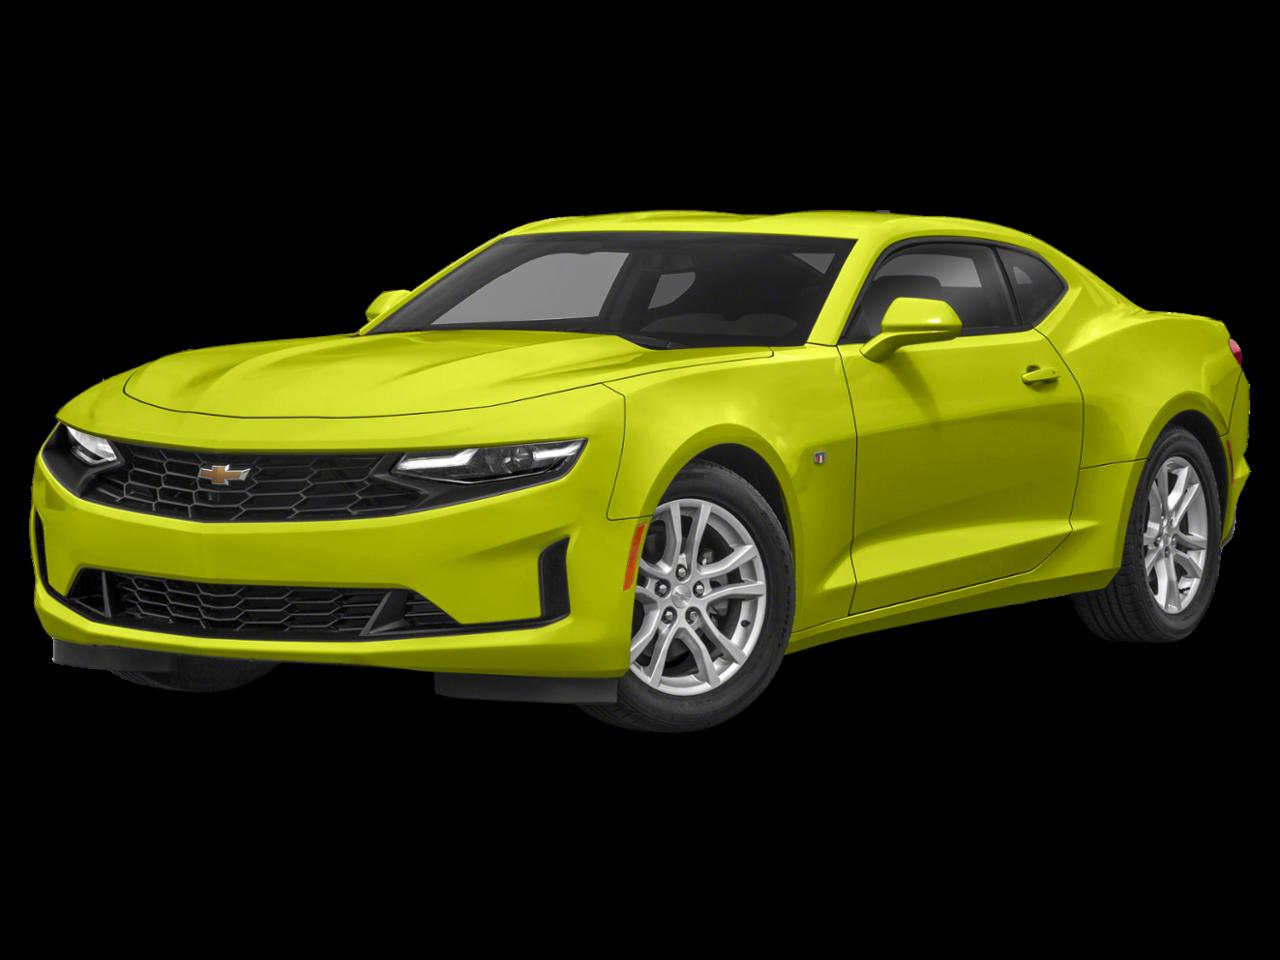 Chevrolet 2020 Camaro 1LS